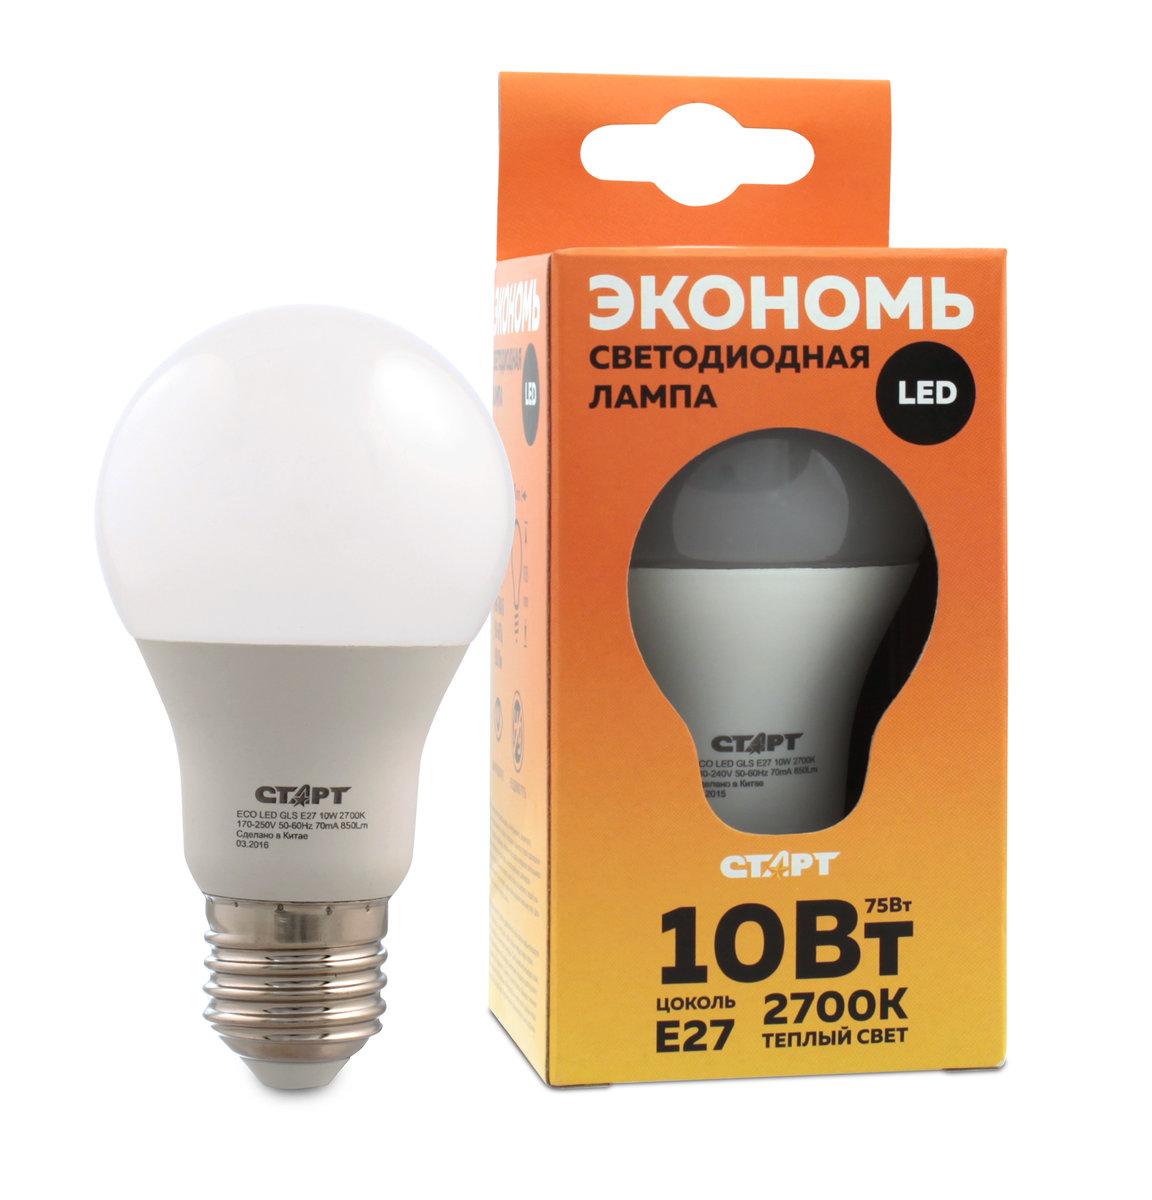 Лампа светодиодная СТАРТ, теплый свет, цоколь E27, 10WC0044108Светодиодная лампа СТАРТ – это самый энергоэффективный источник света, при этом имеющий рекордный срок службы. Светодиодные лампы – изделия прочные, не боятся падения с высоты человеческого роста, встрясок и вибраций. Лампа не имеет вредных материалов в своем составе, а также в процессе эксплуатации светодиодная лампа не излучает ИК- и УФ-лучи.Мощность, Вт: 10.Световой поток, Лм: 800.Напряжение: 220-240 V.Цоколь: E27.Угол светового пучка: 240°.Цветовая температура, К: 2700.Срок службы, часов: 15000.